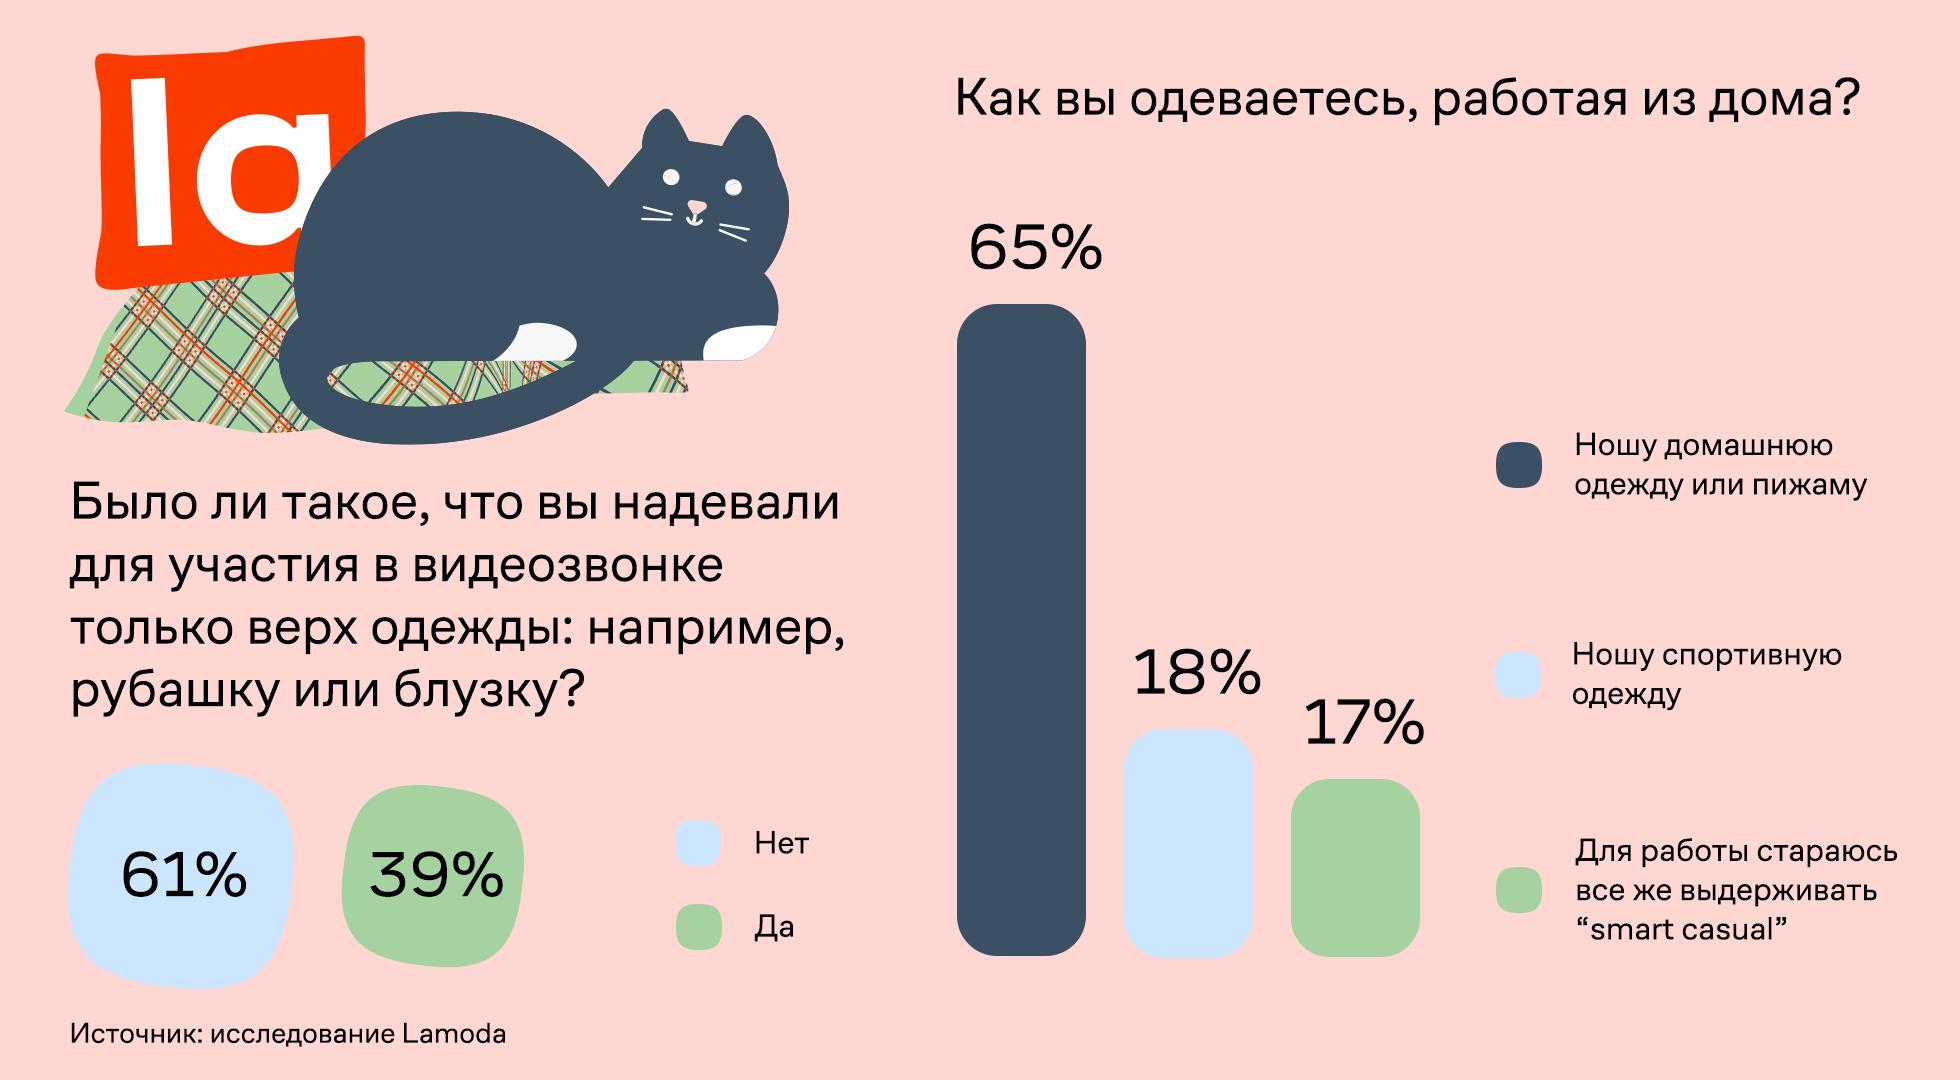 Lamoda: 65% россиян работают впижаме 2